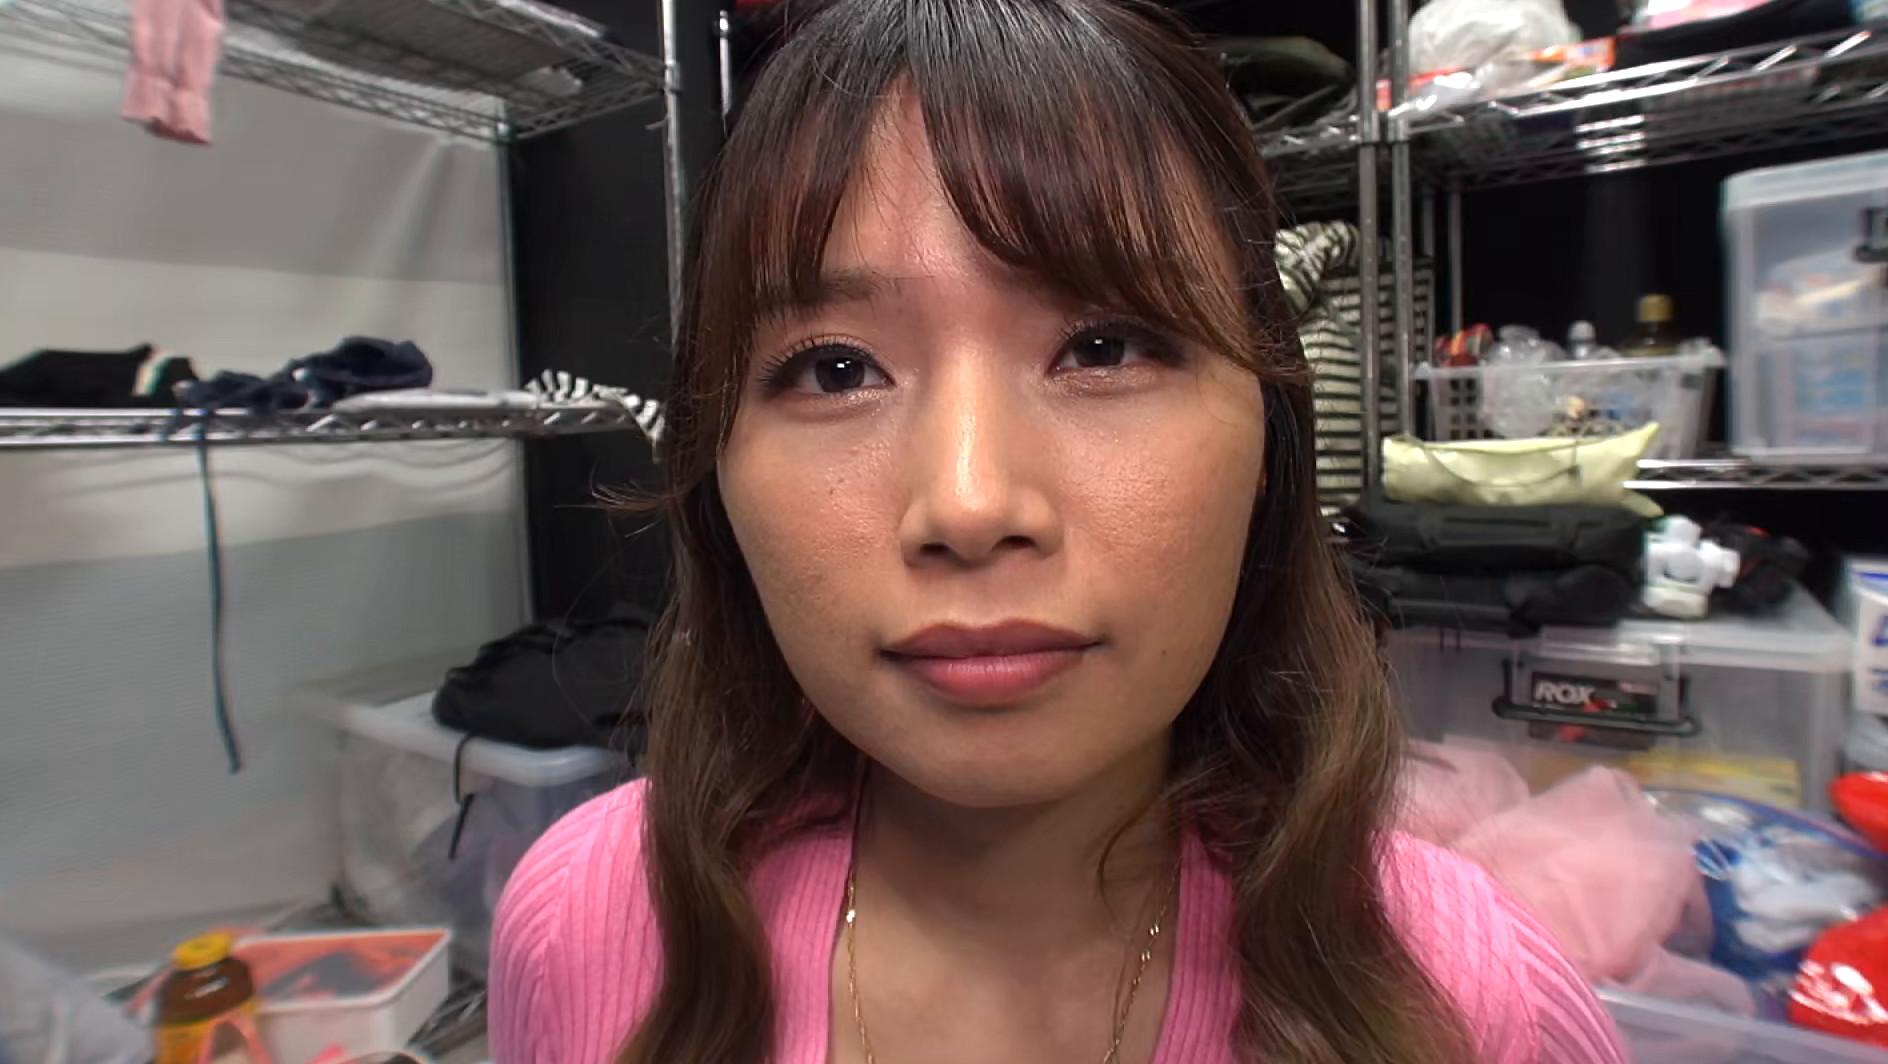 【個人撮影】助手席でオナニーする欲求不満な淫乱美女 旦那には内緒でハメ撮りデート 画像3